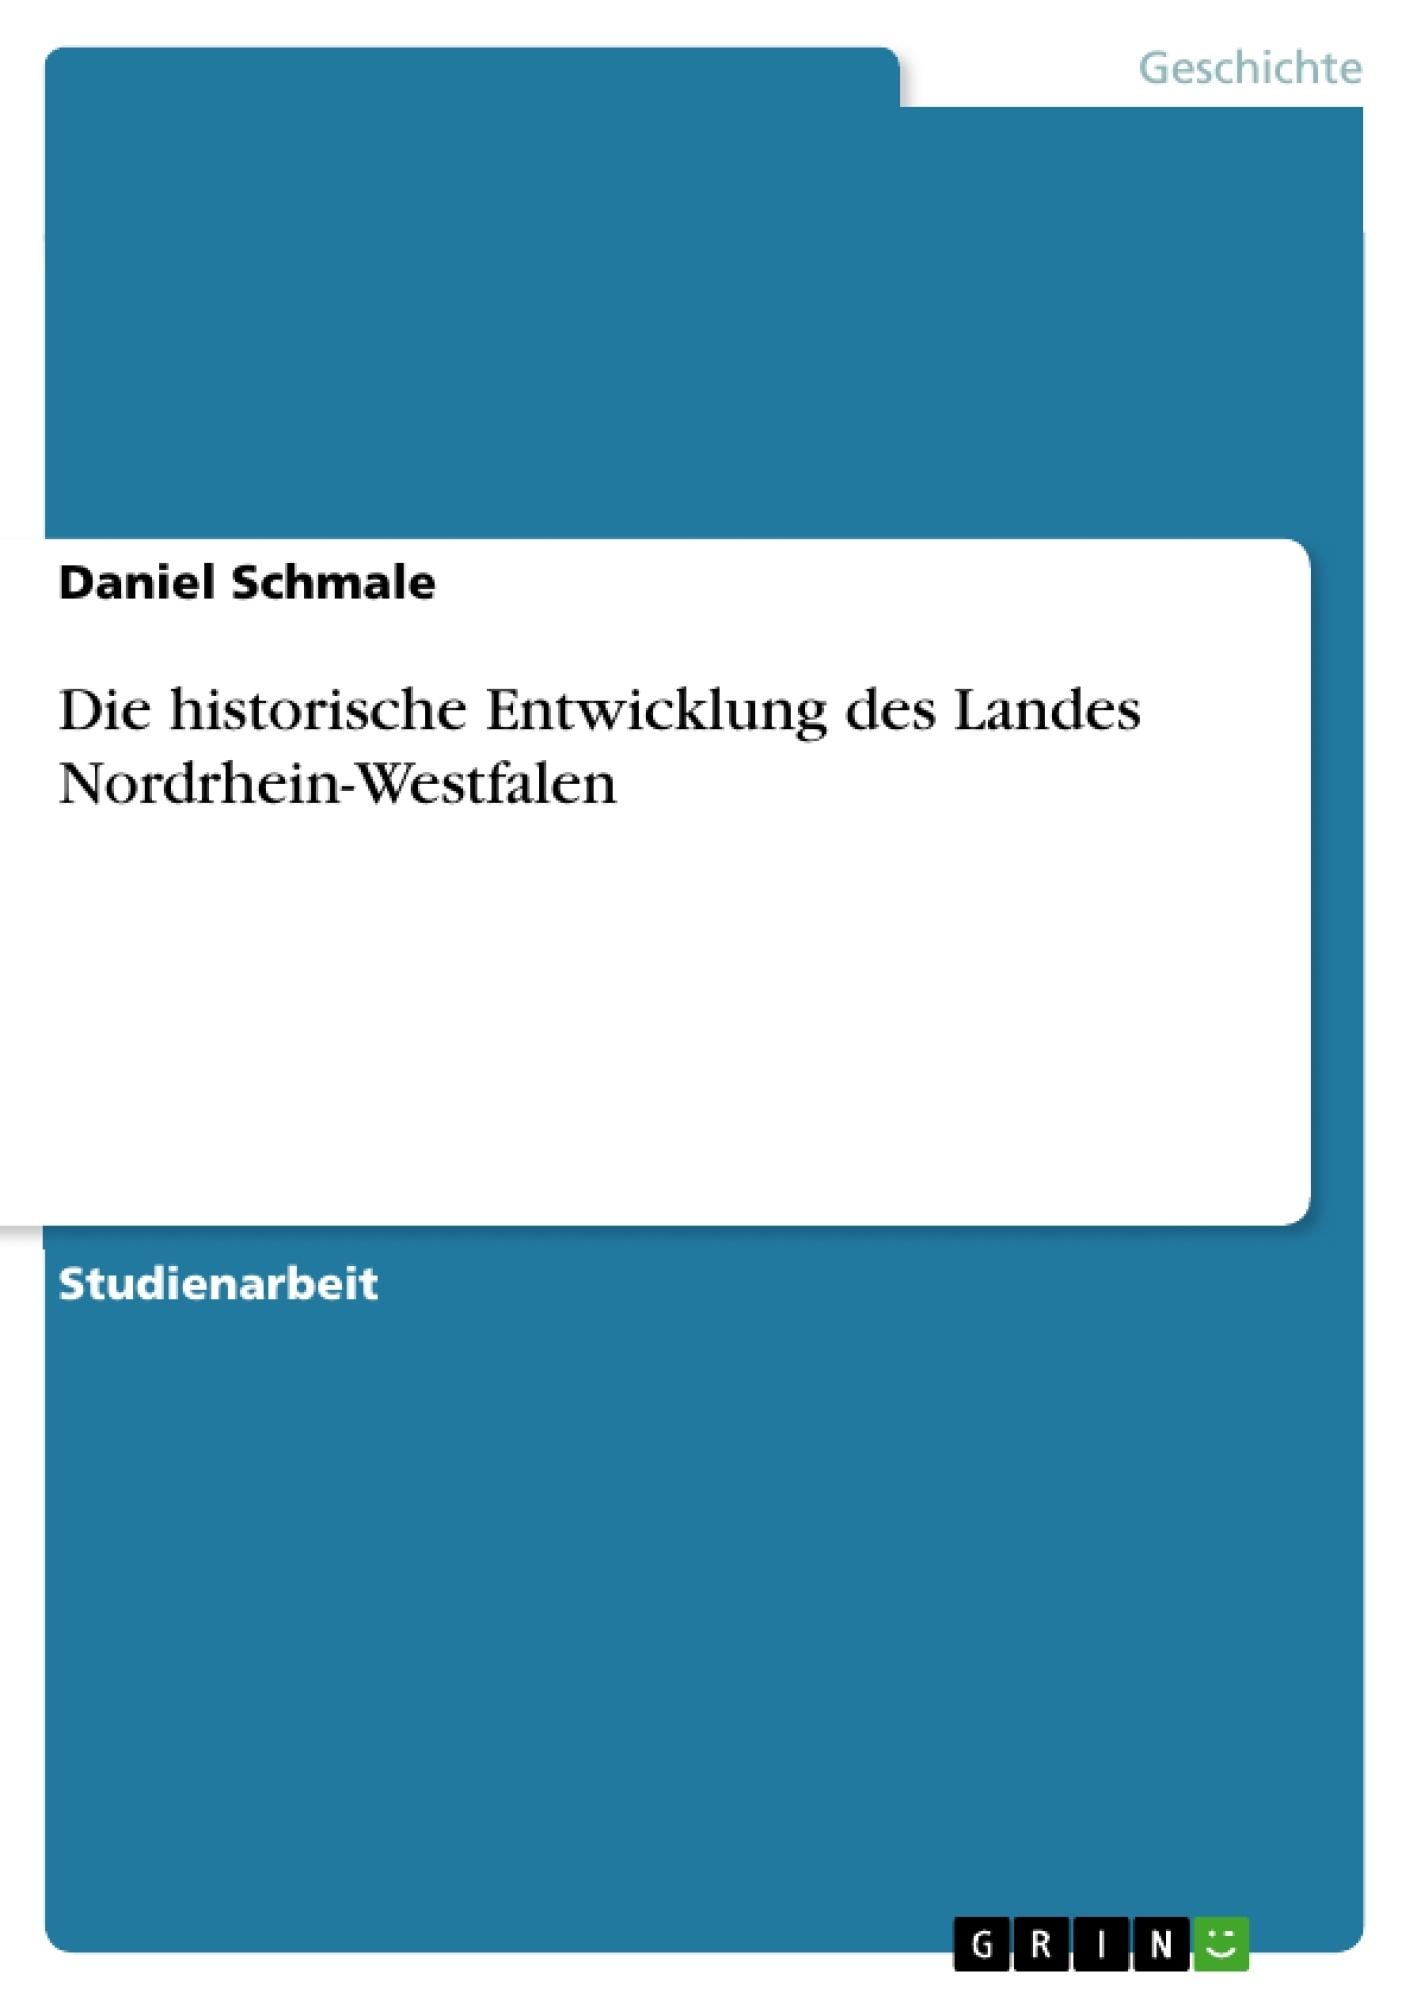 Titel: Die historische Entwicklung des Landes Nordrhein-Westfalen